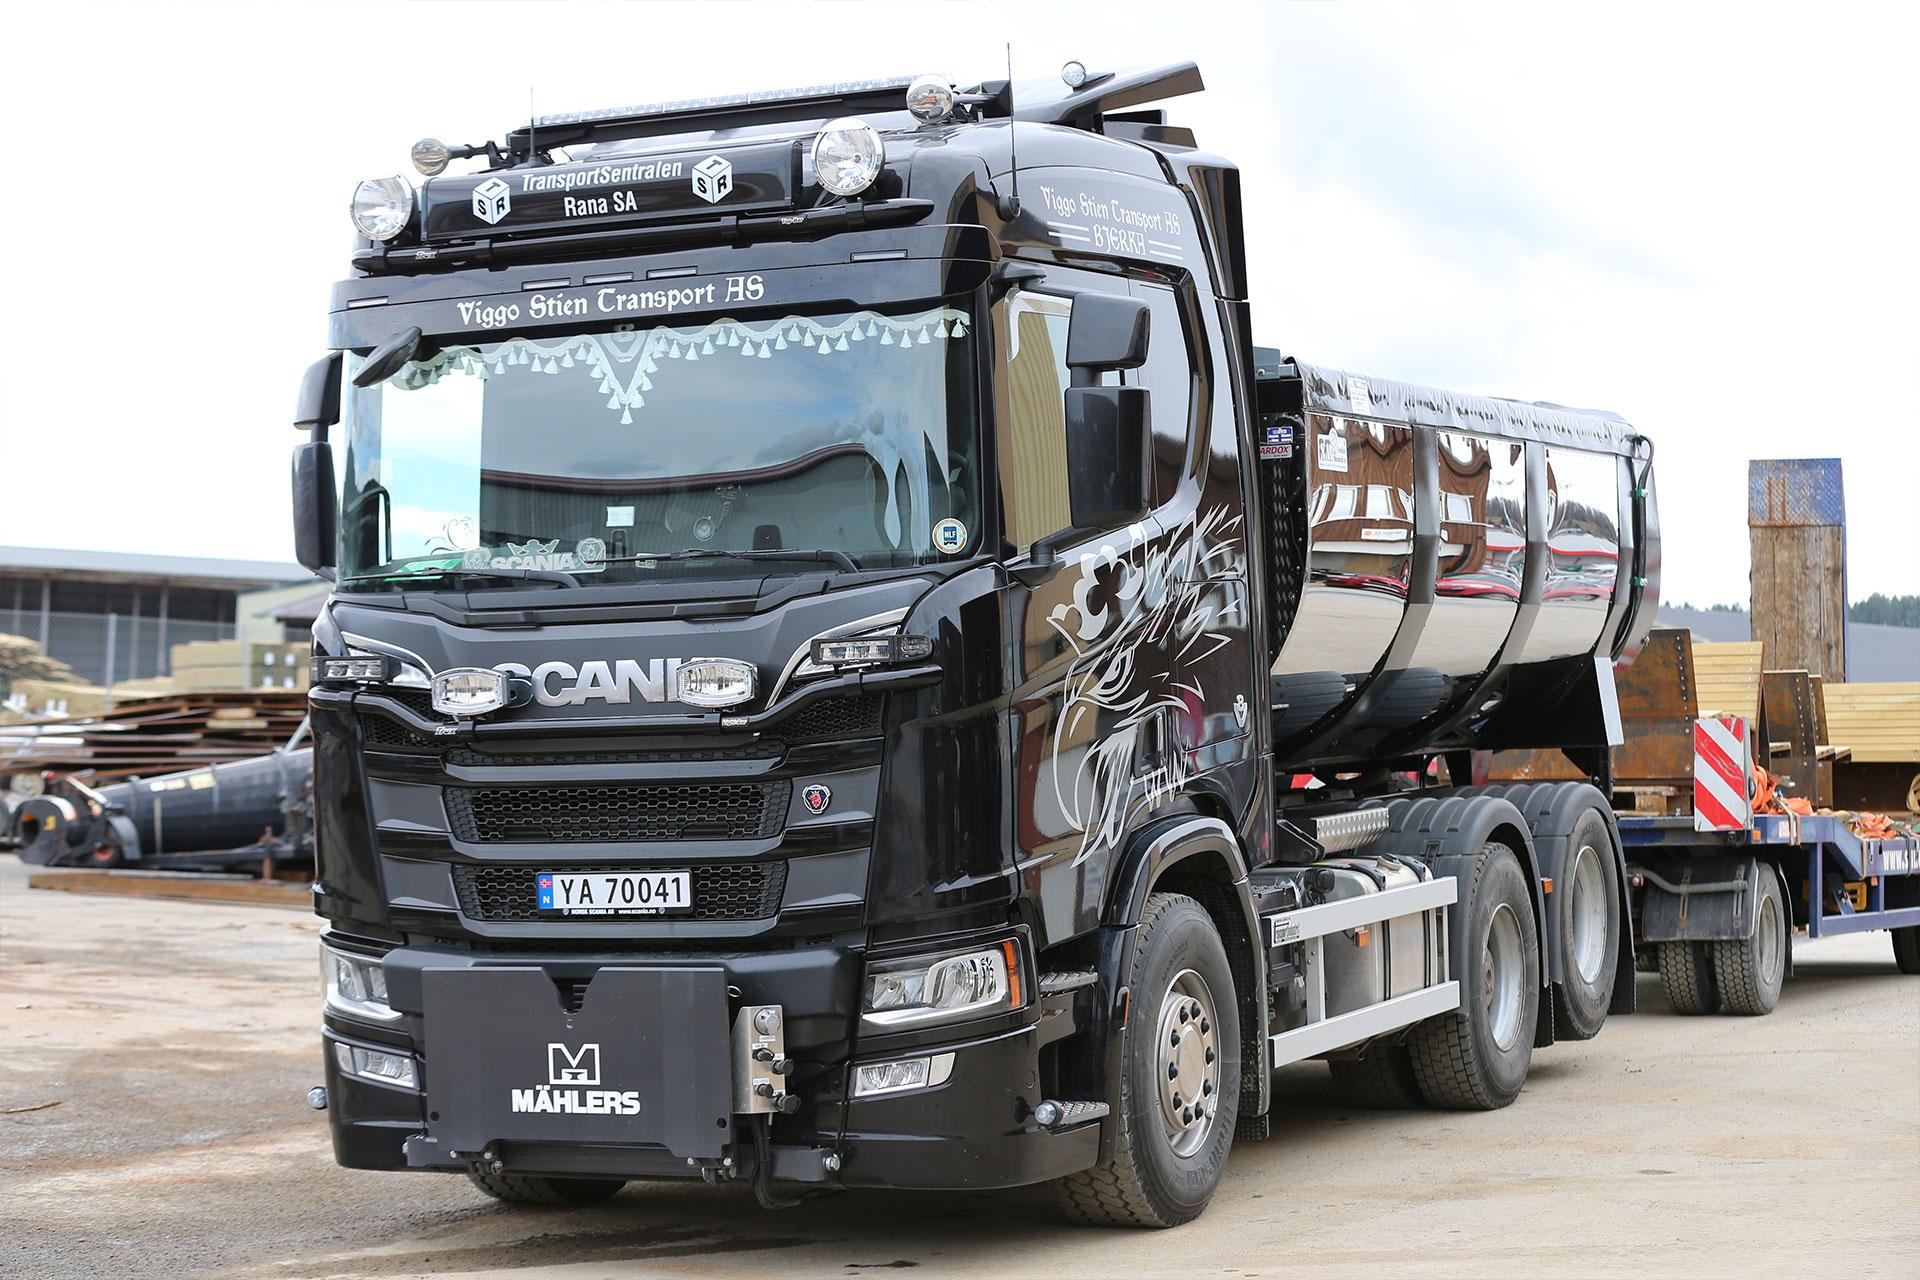 En smilende eier avVIGGO STIEN TRANSPORT AS, fra Bjerka, hentet sin nye svart-speilblankeAsfaltbalje i Hardox 450 Stålmed sin nye Scania